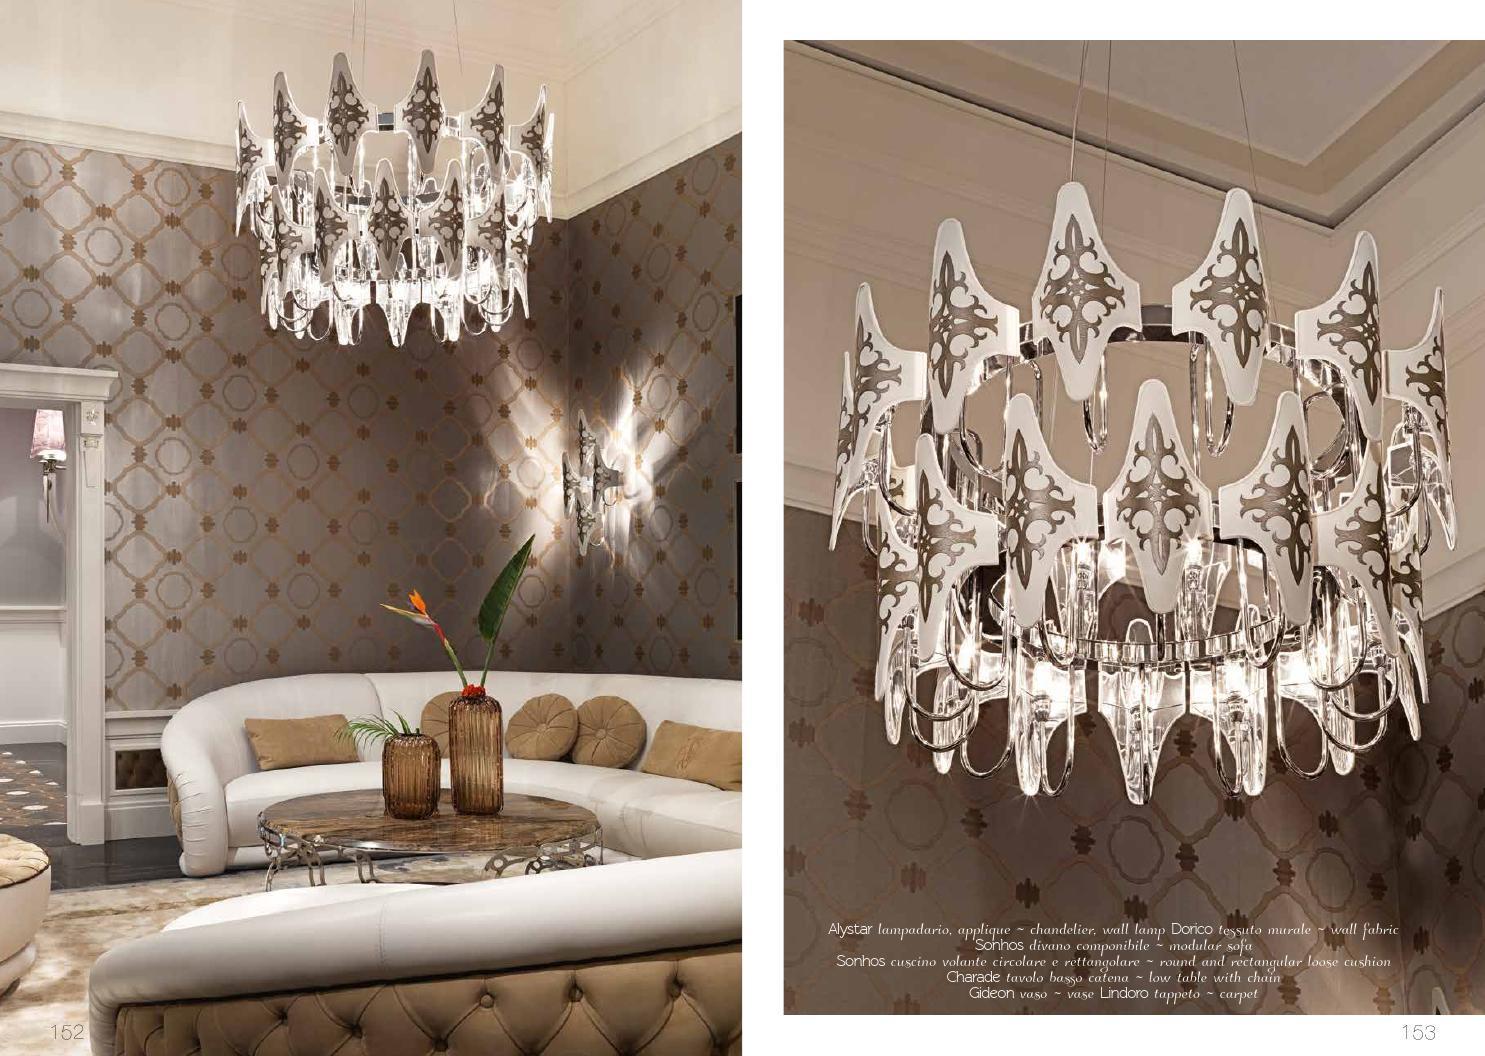 ipe cavalli 2015年欧美室内灯饰灯具设计素_礼品设计